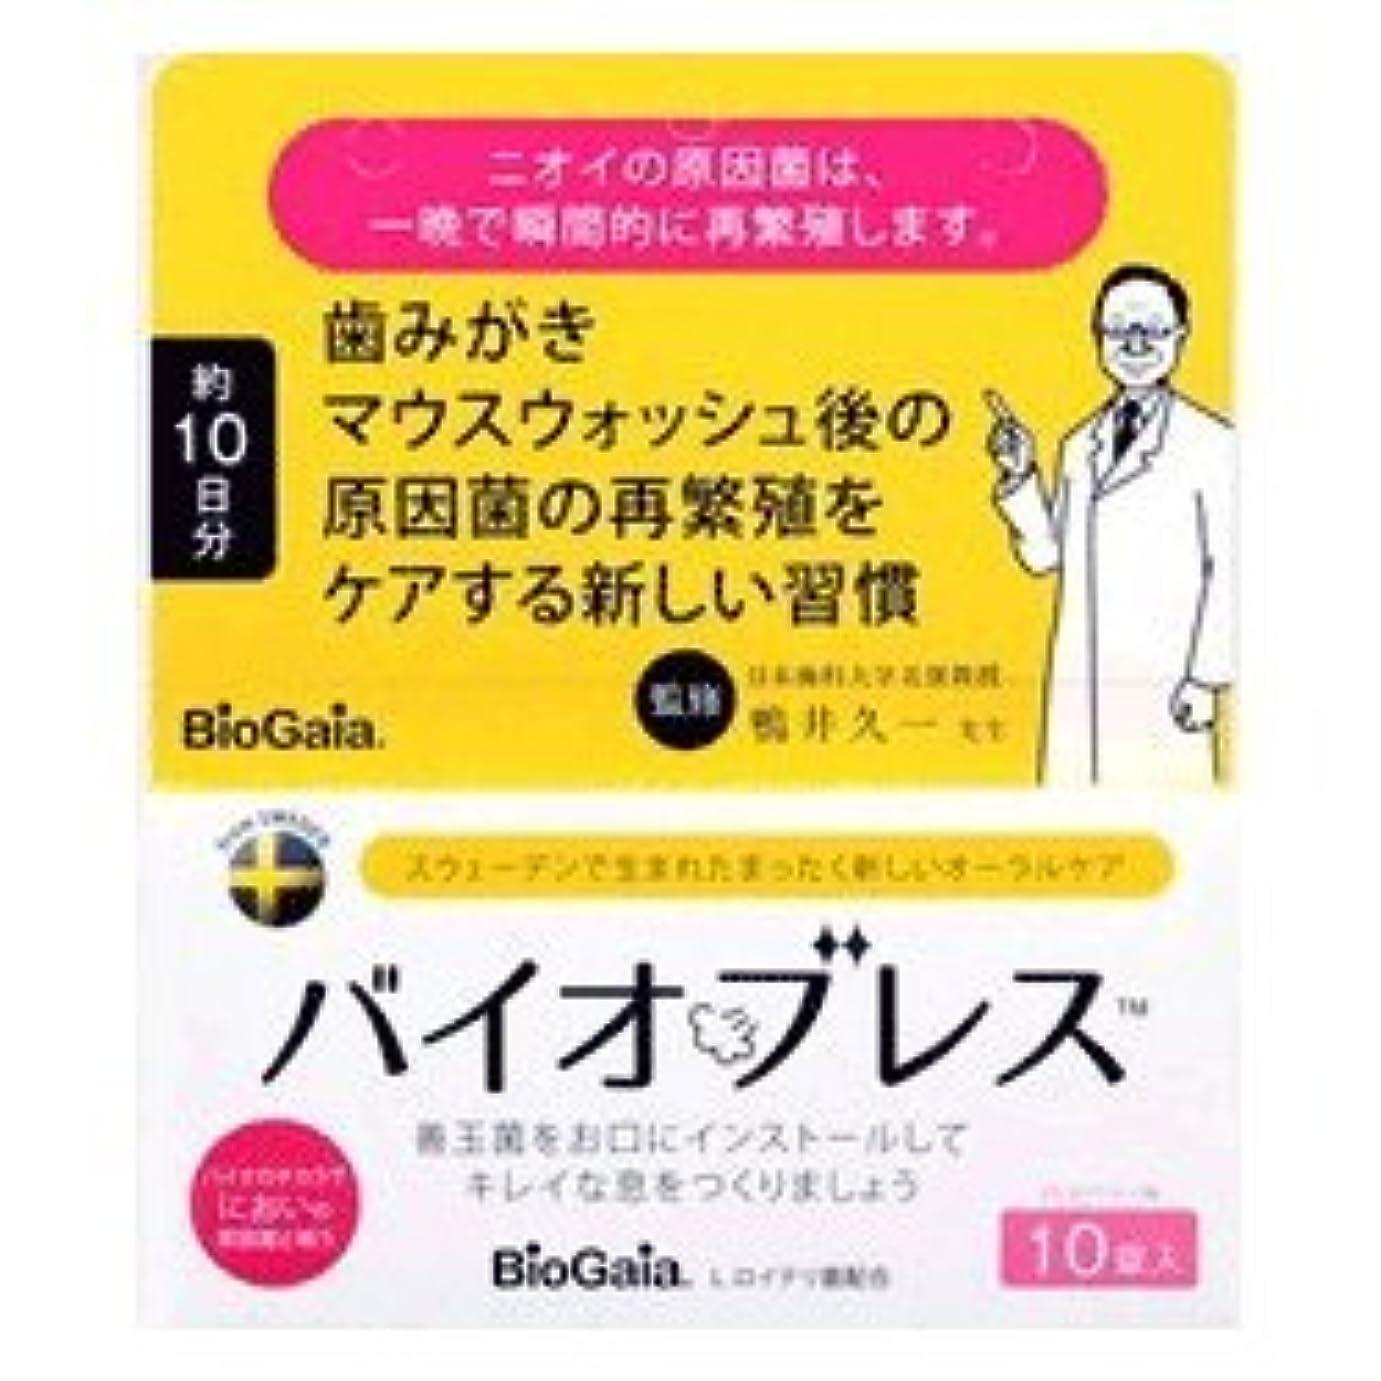 従順ドローどこか【セット品】バイオブレス 10錠入 (ストロベリー味)×10個